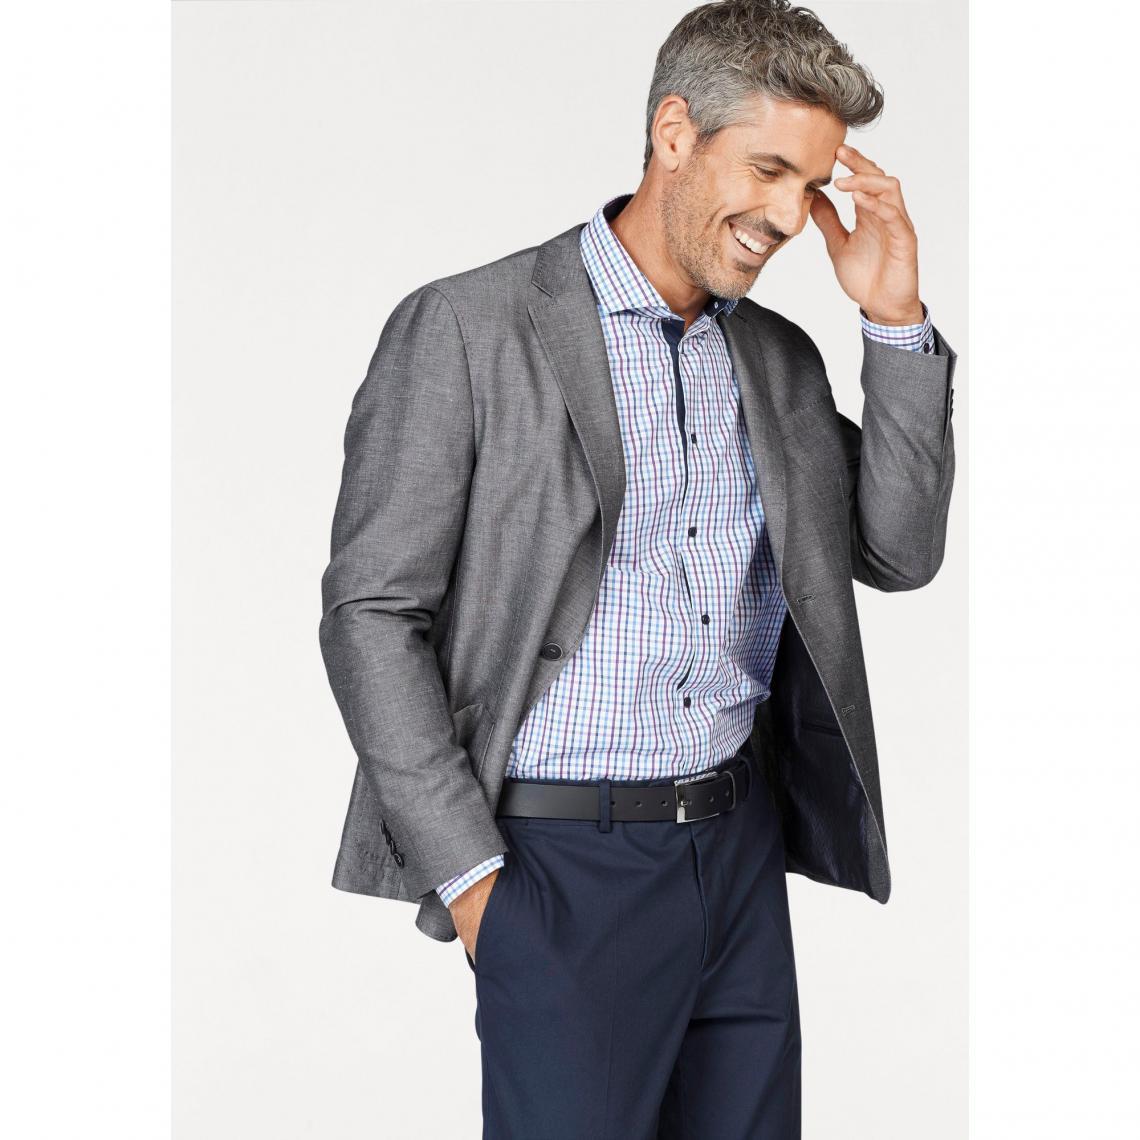 Veste de costume homme Class International - Gris Clair 3 SUISSES Homme e09253d1c91